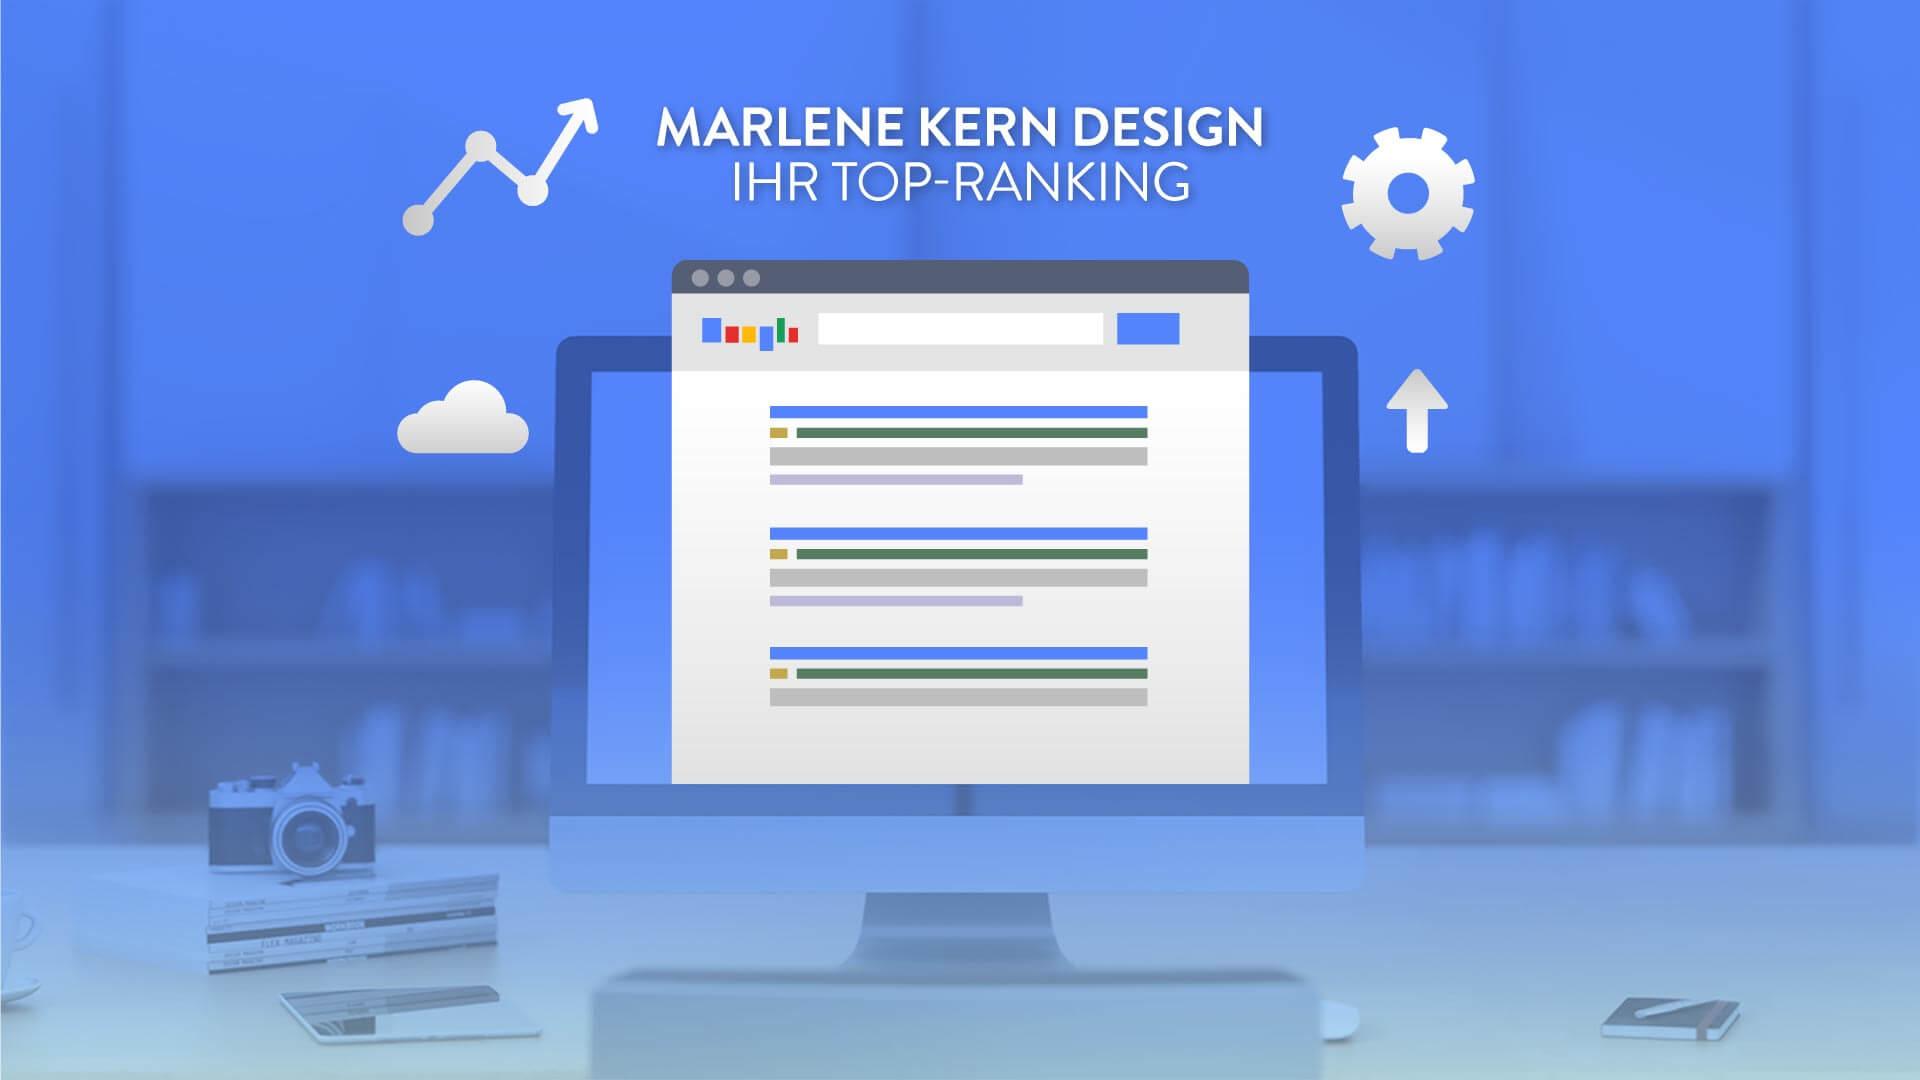 Kreativagentur München Top-Ranking